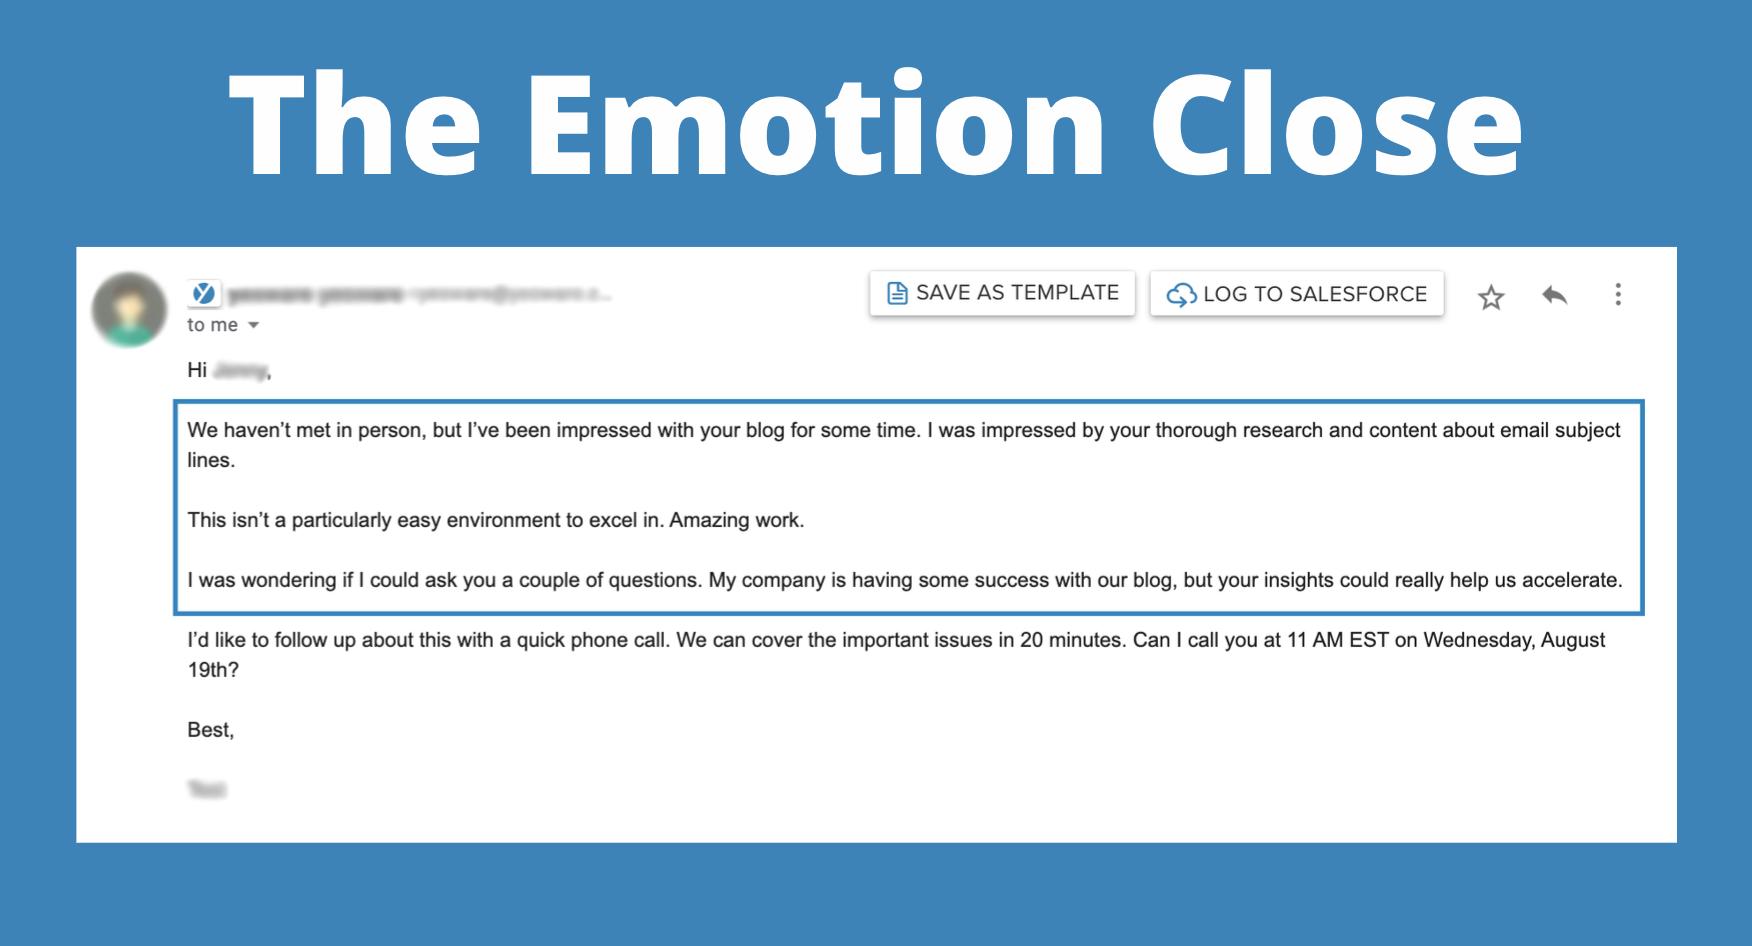 Sales Techniques: The Emotion Close